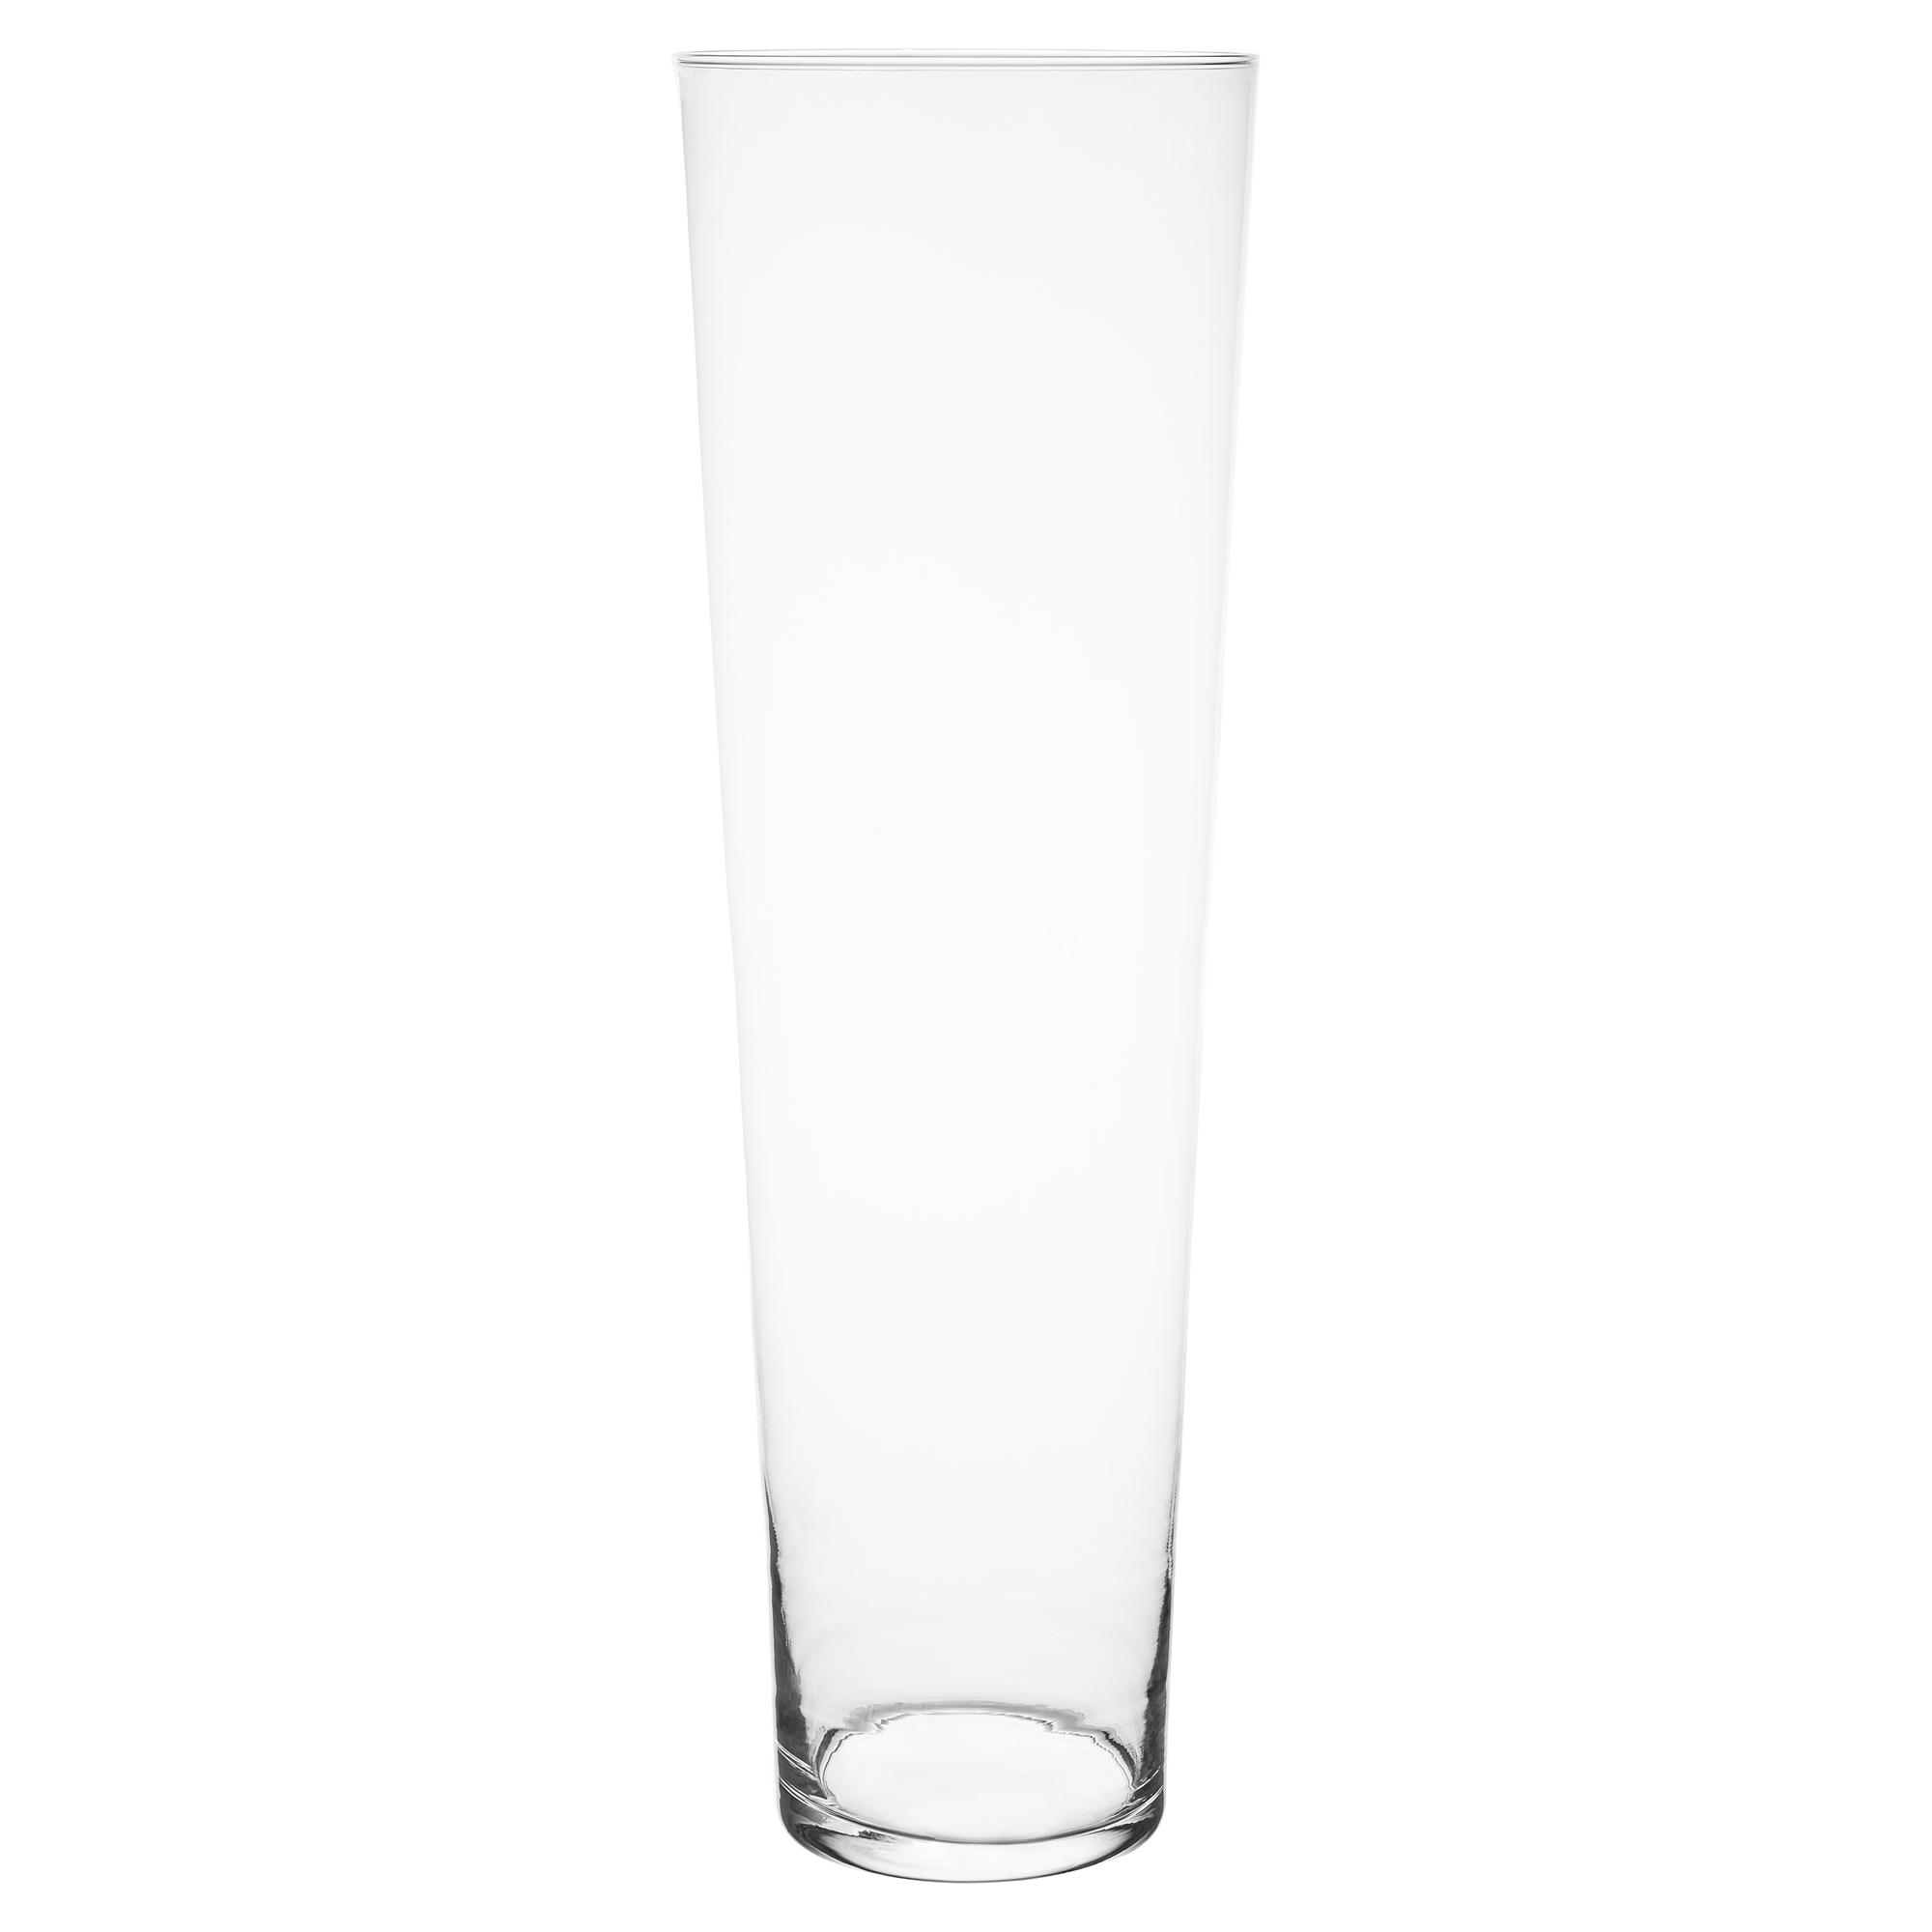 60 cm zylinder glasvase ASA 92032005